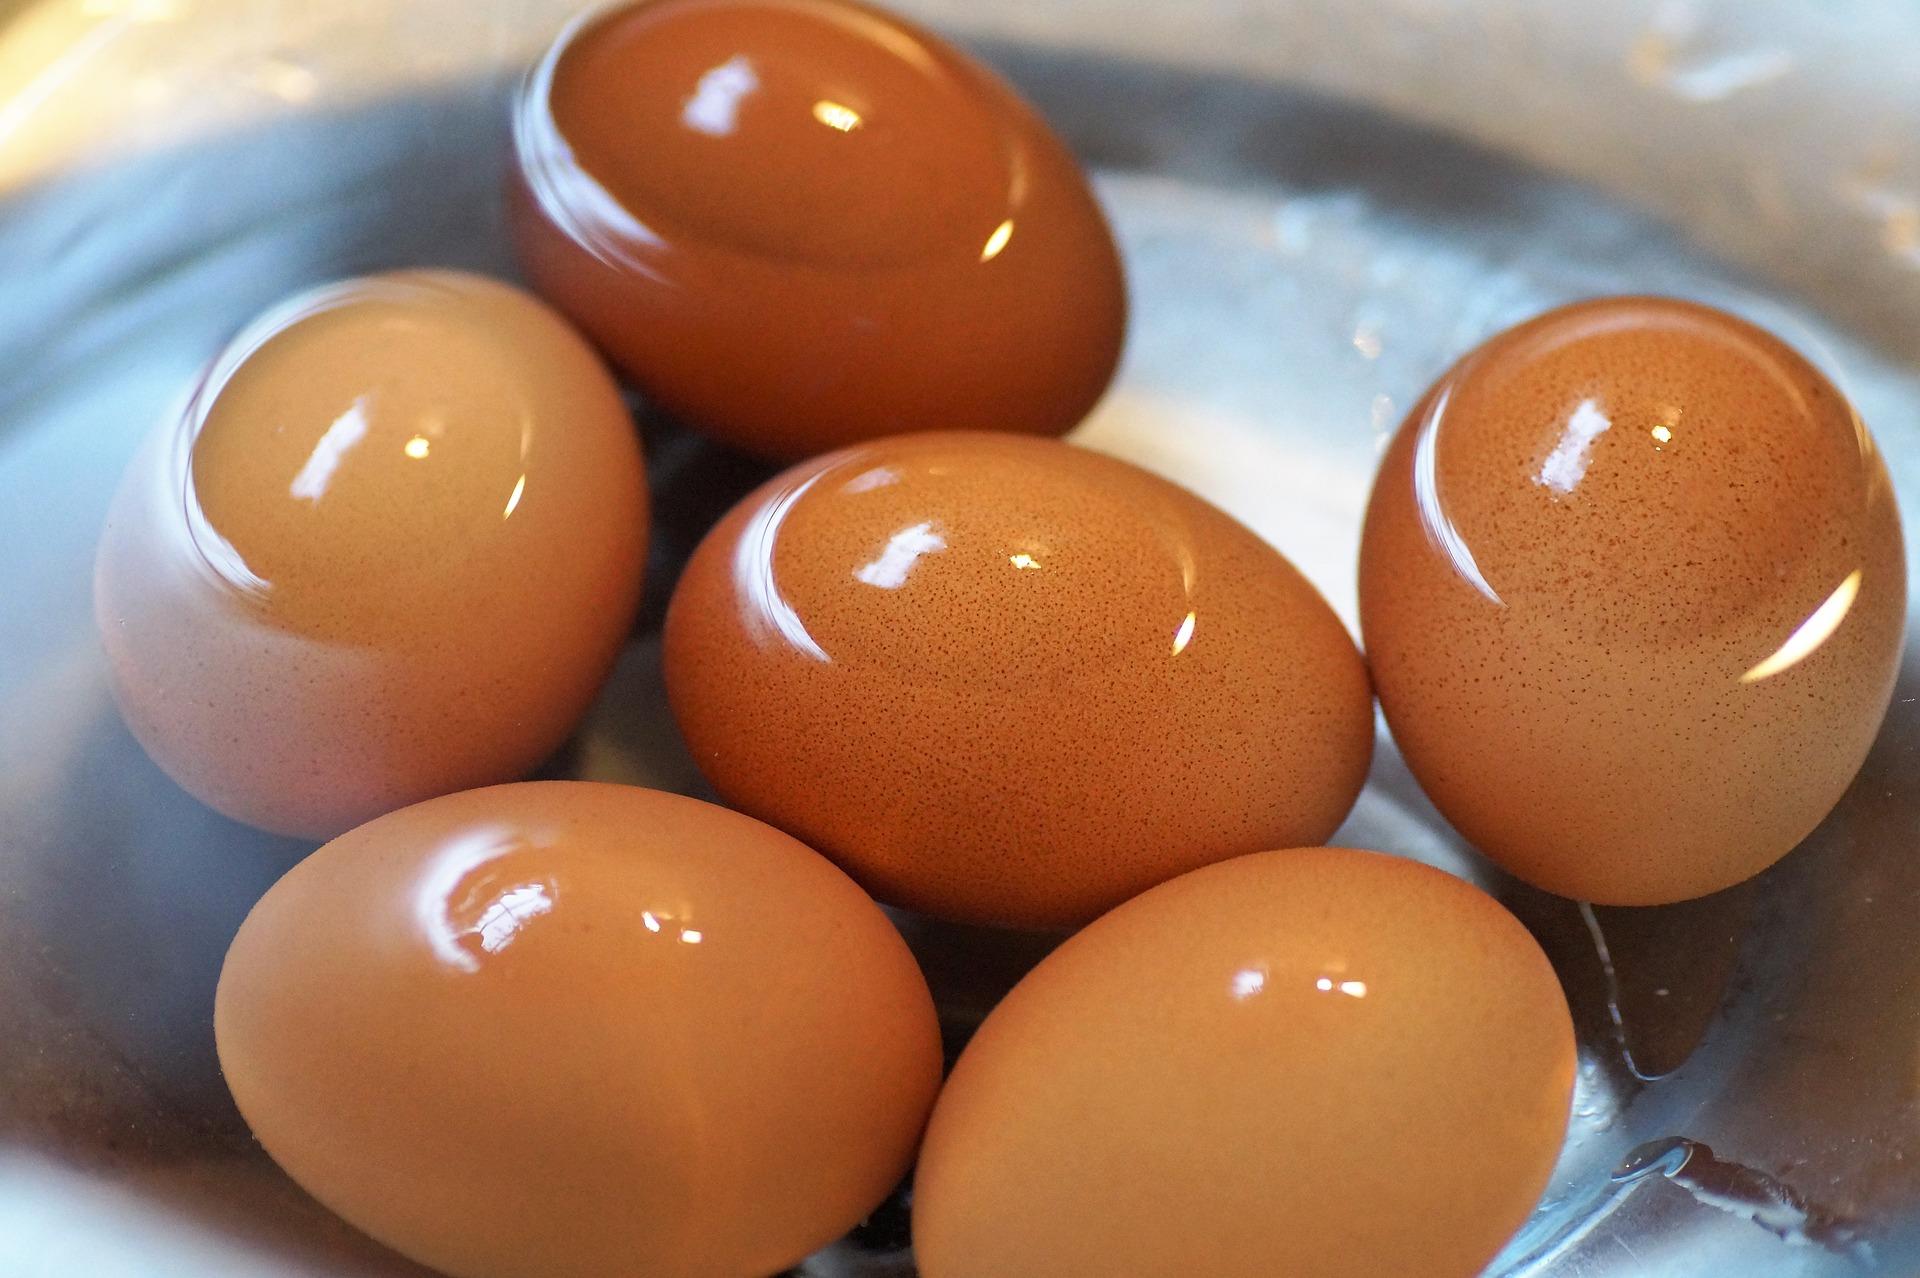 Esta es la razón por la que no hay que lavar los huevos